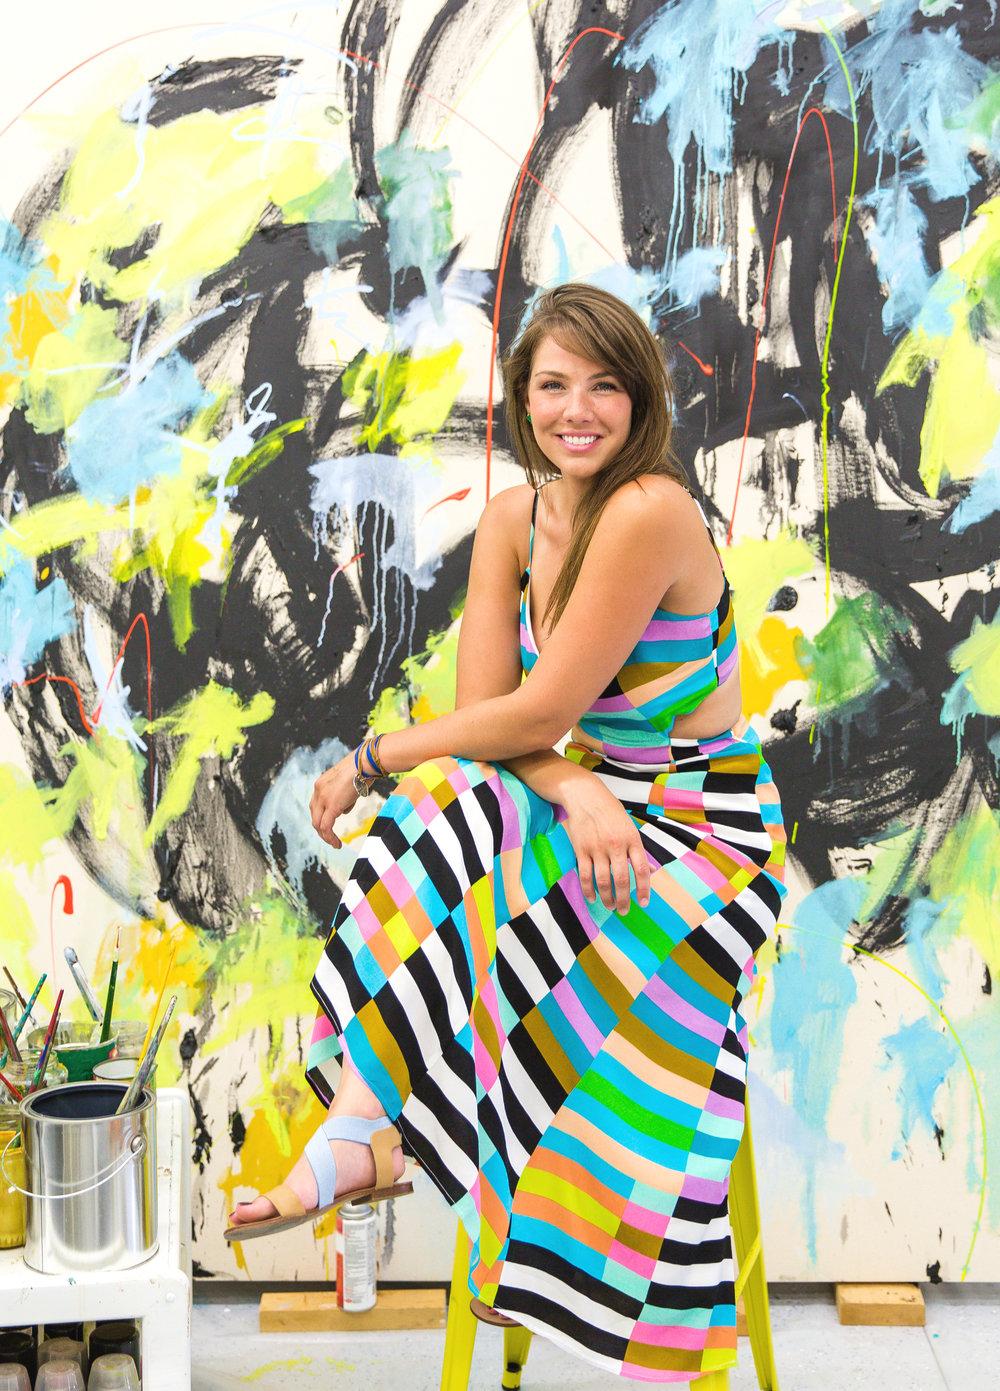 Jessica Wachter